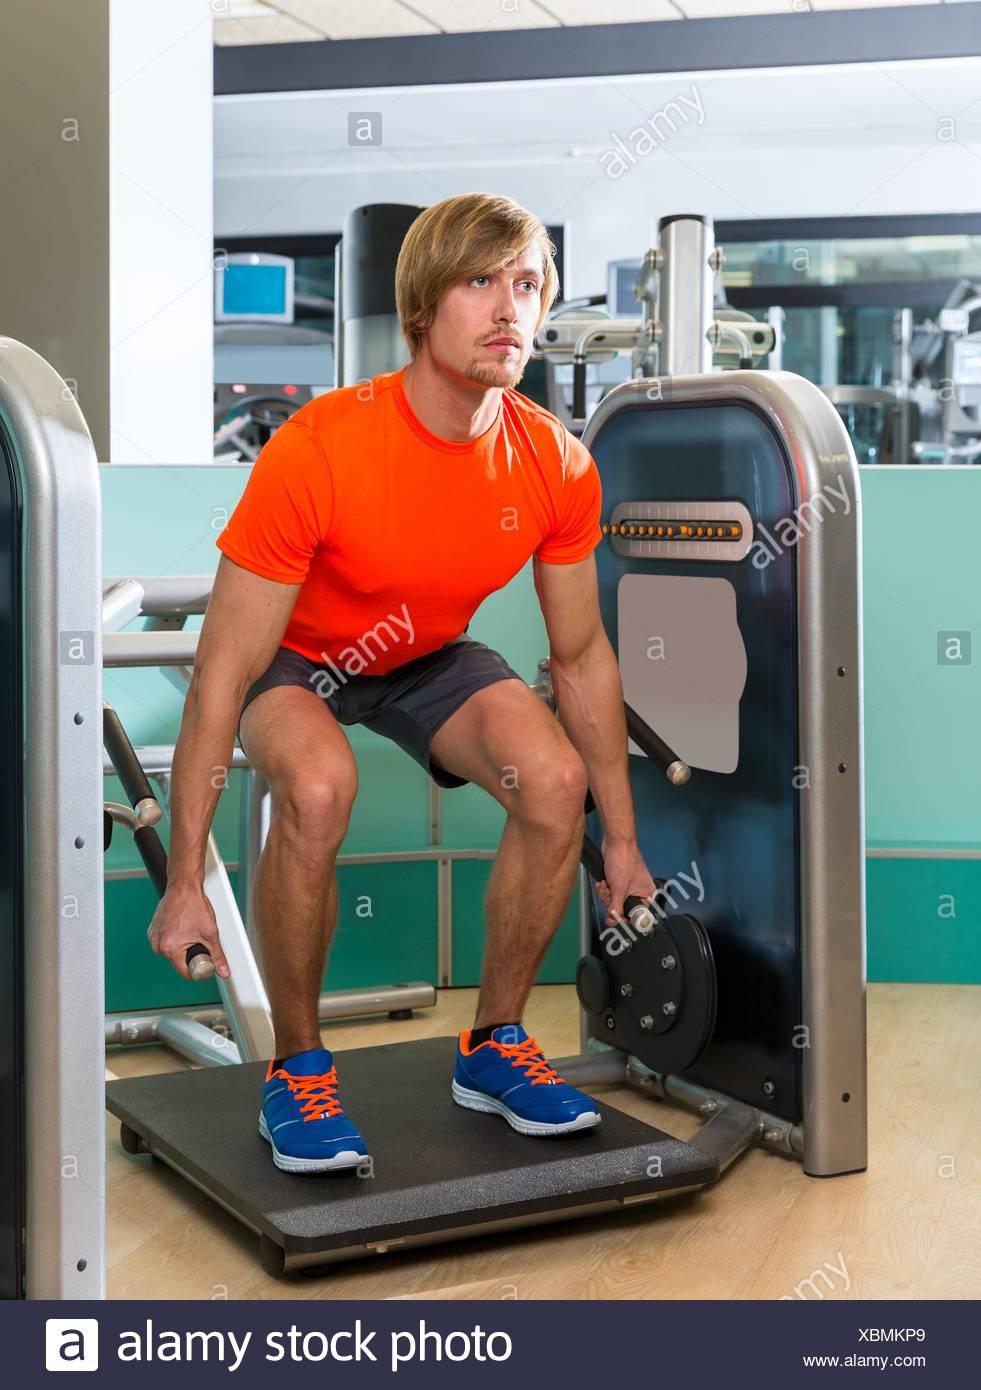 Machine d'entraînement fitness squat exercice homme blond à l'intérieur. Photo Stock